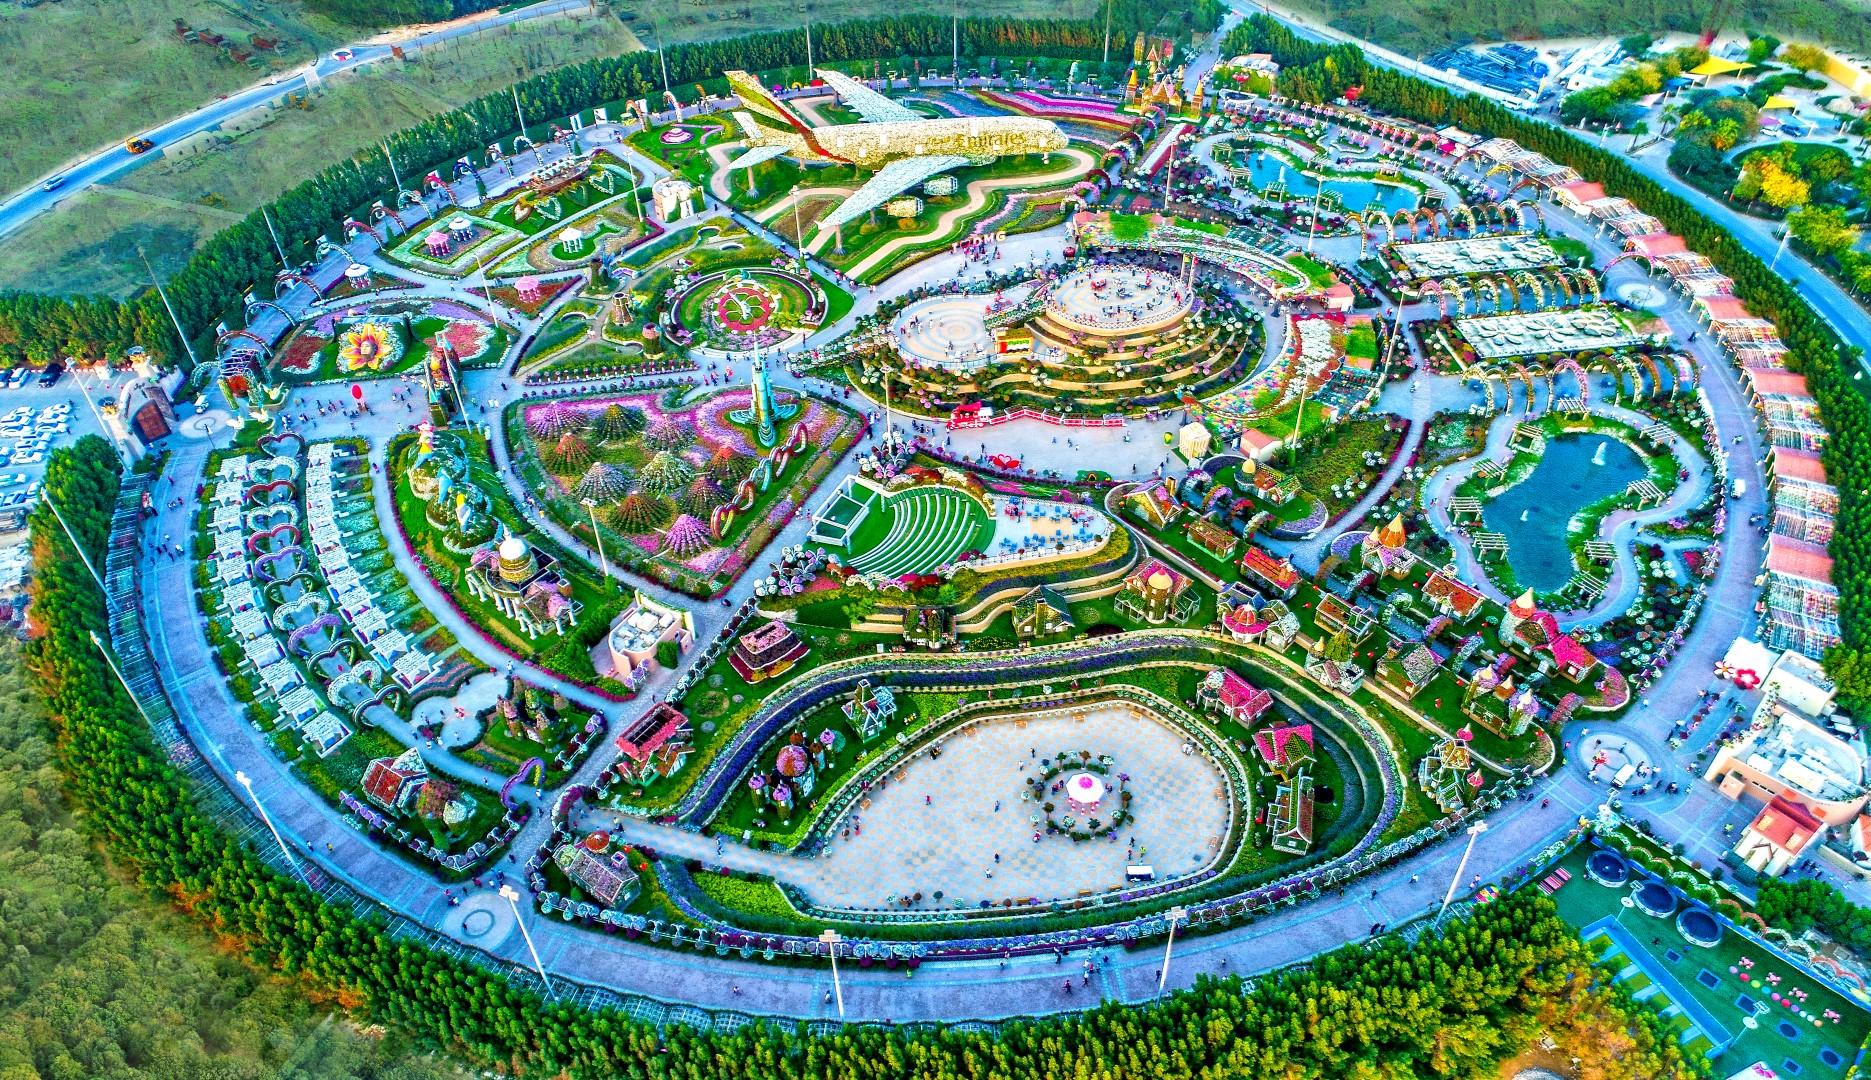 Akar Landscaping  Dubai Miracle Garden  Dubai Miracle Garden